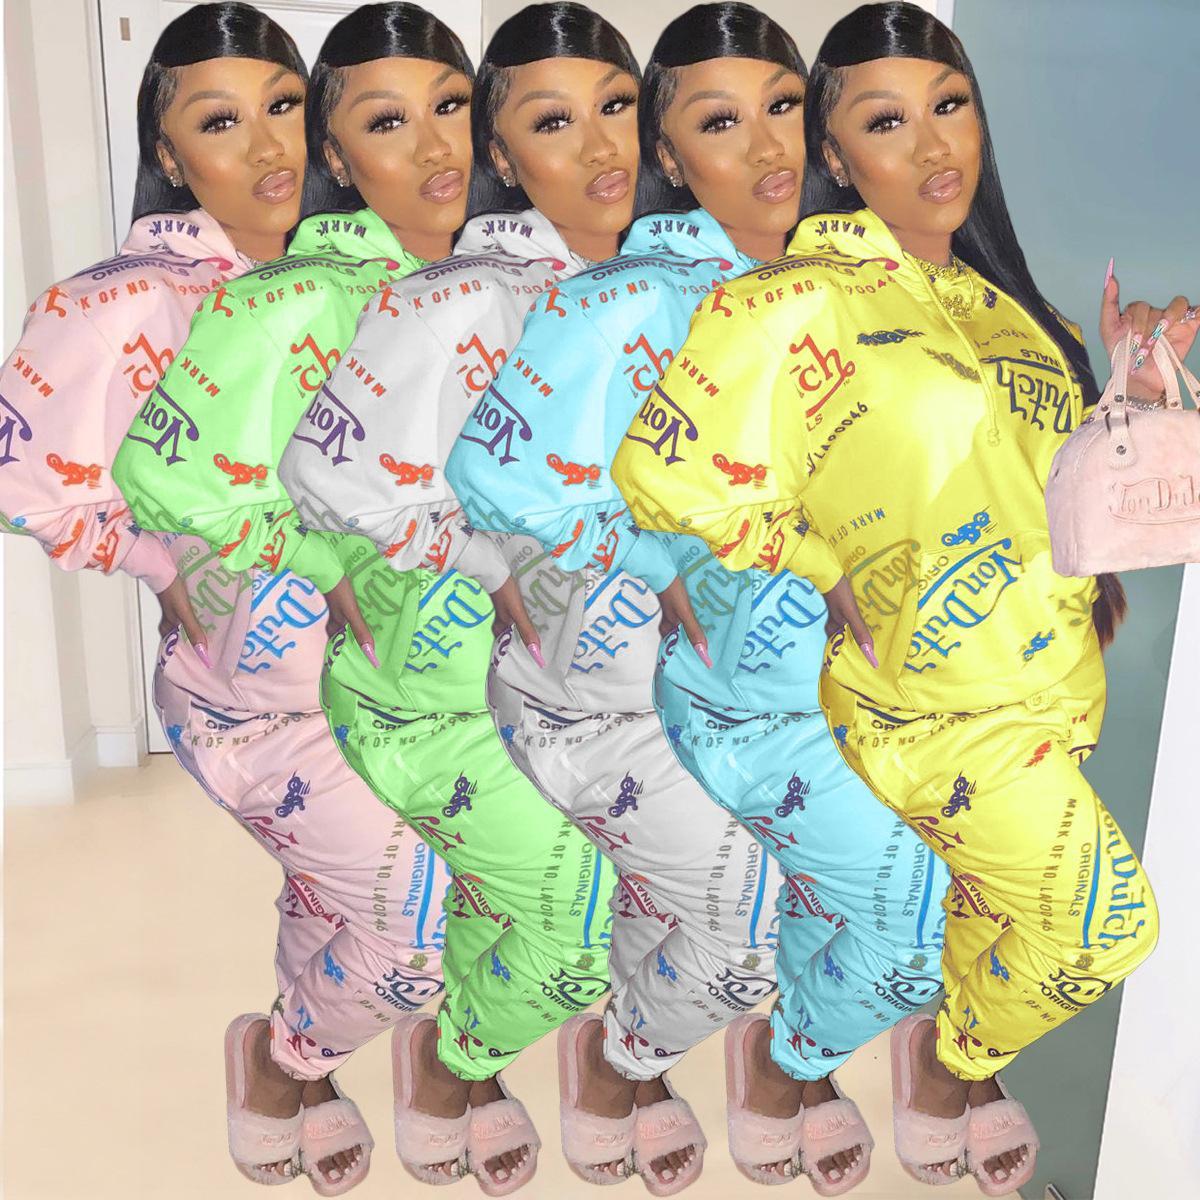 Mujeres S diseñadores de ropa Trajes de 2 piezas Conjunto Invierno manera de la letra con capucha chándales de deporte de manga larga pantalones jogging nueva manera